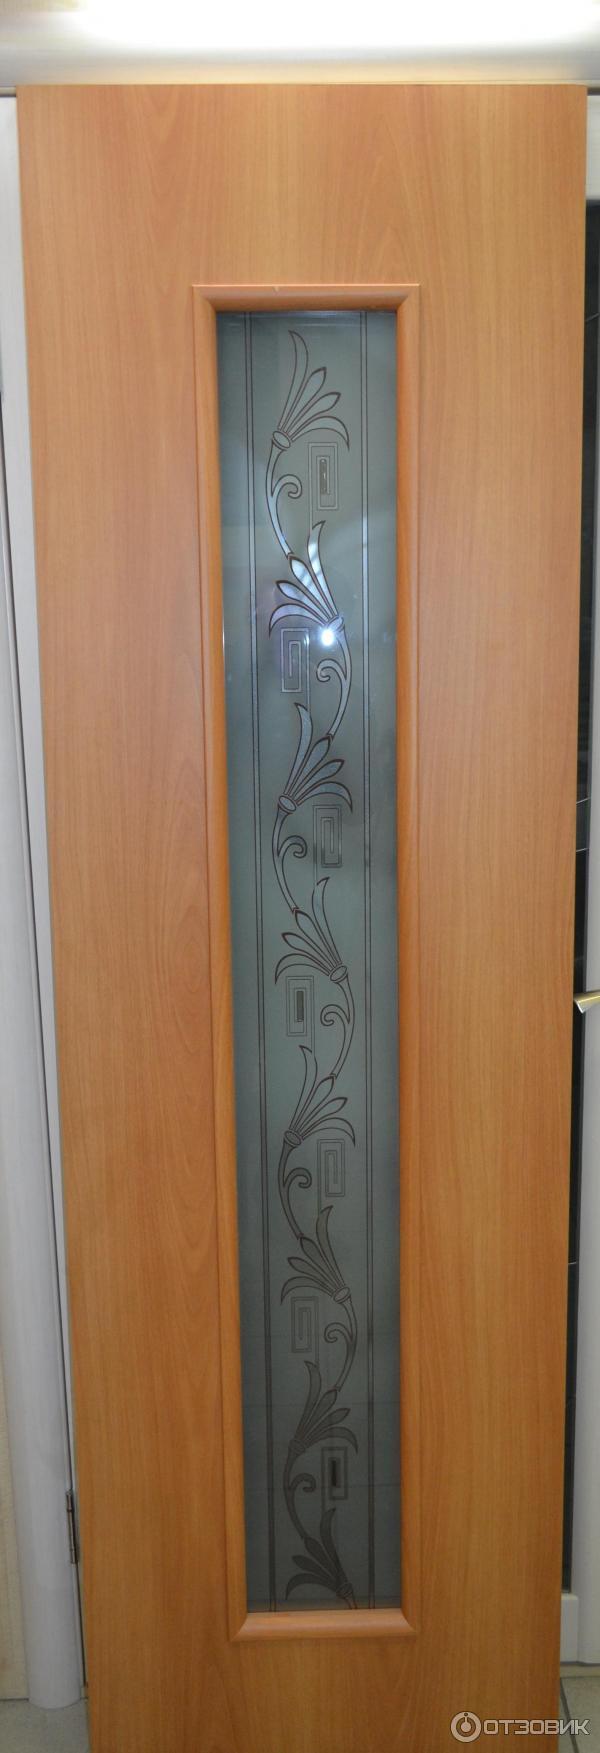 продажа металлических дверь ступино